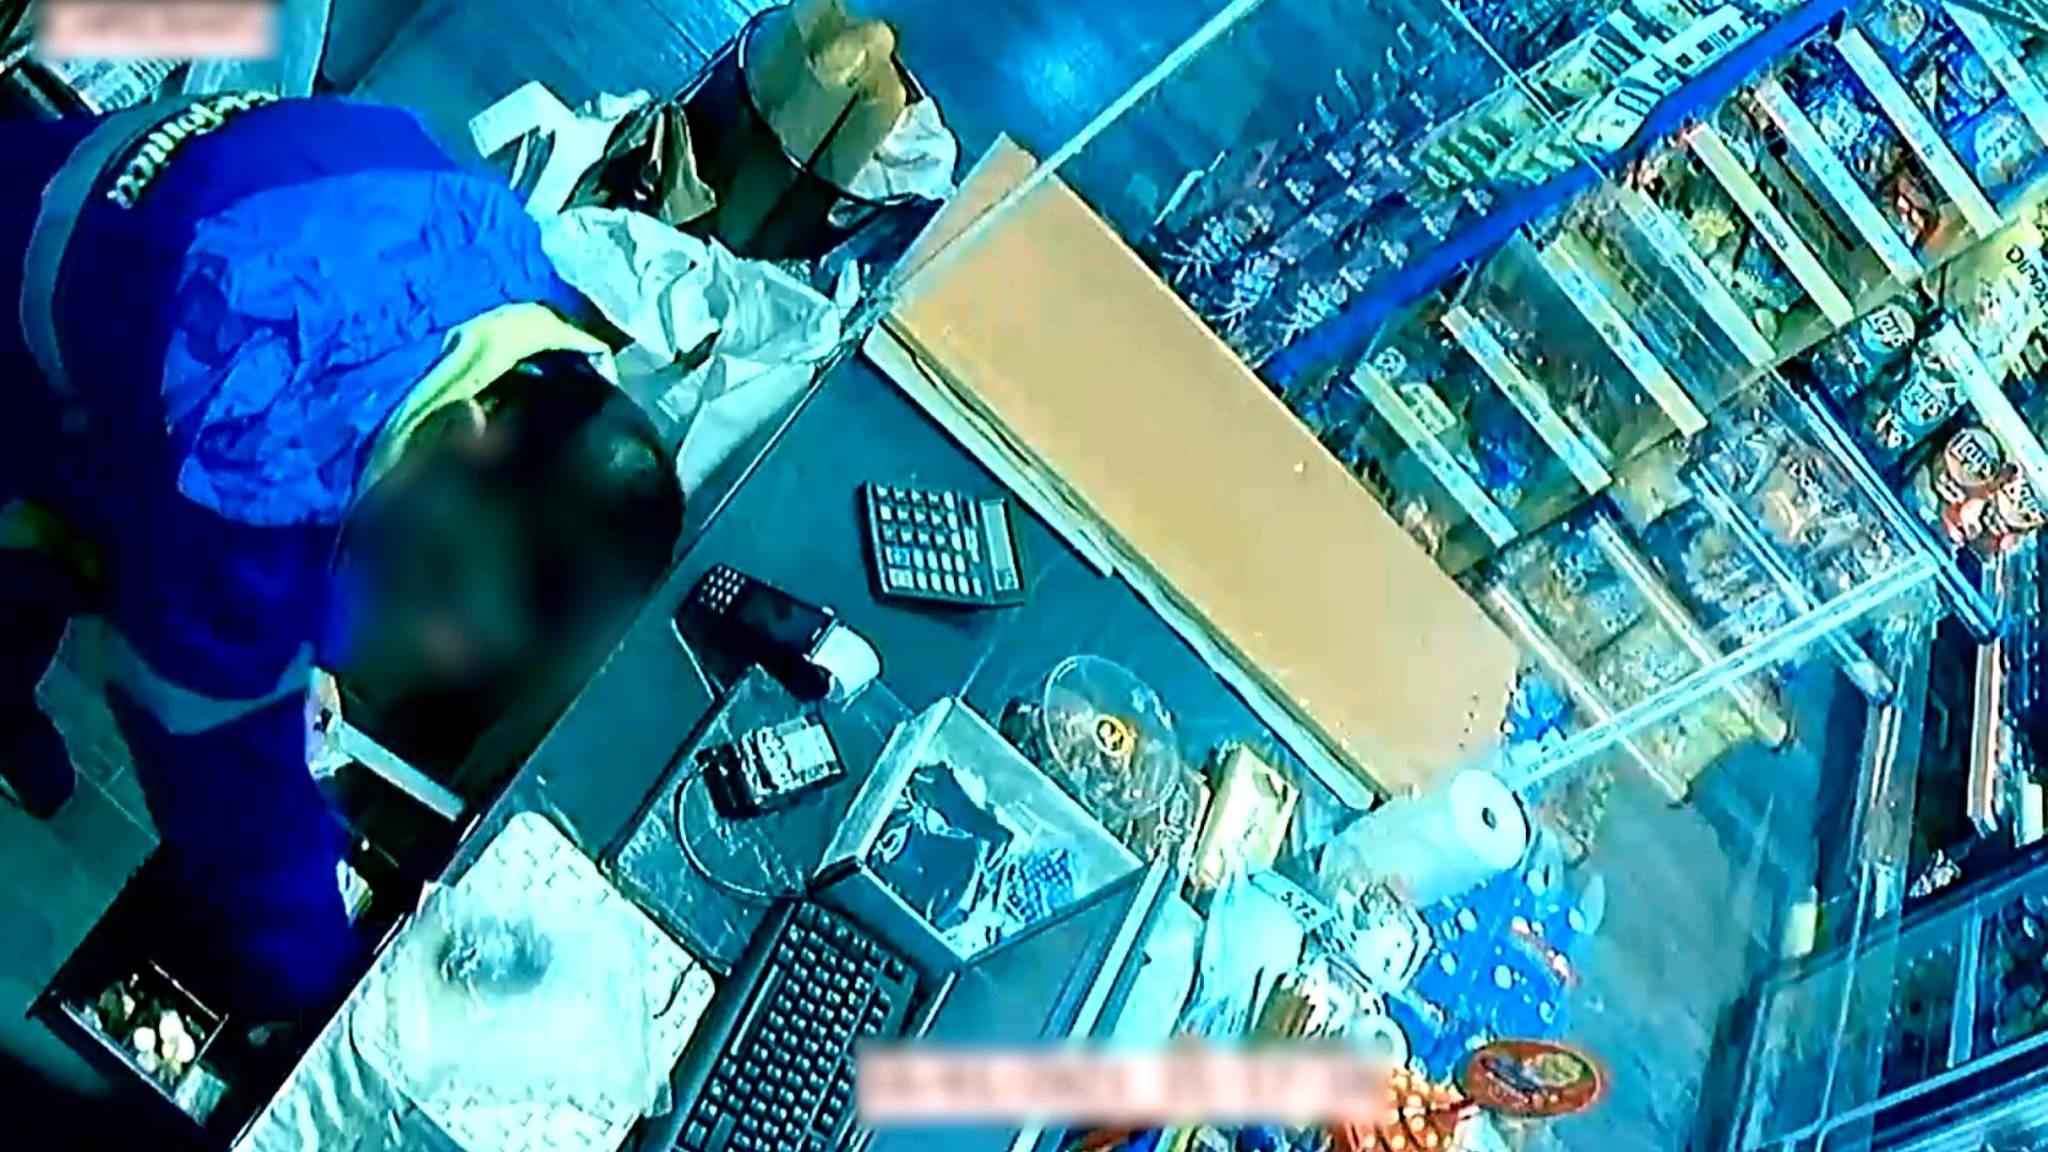 Una càmera de seguretat grava l'atracador en un dels supermercats del barri de Bellvitge de l'Hospitalet de Llobregat, els dies 10 i 14 de gener del 2021 / ACN